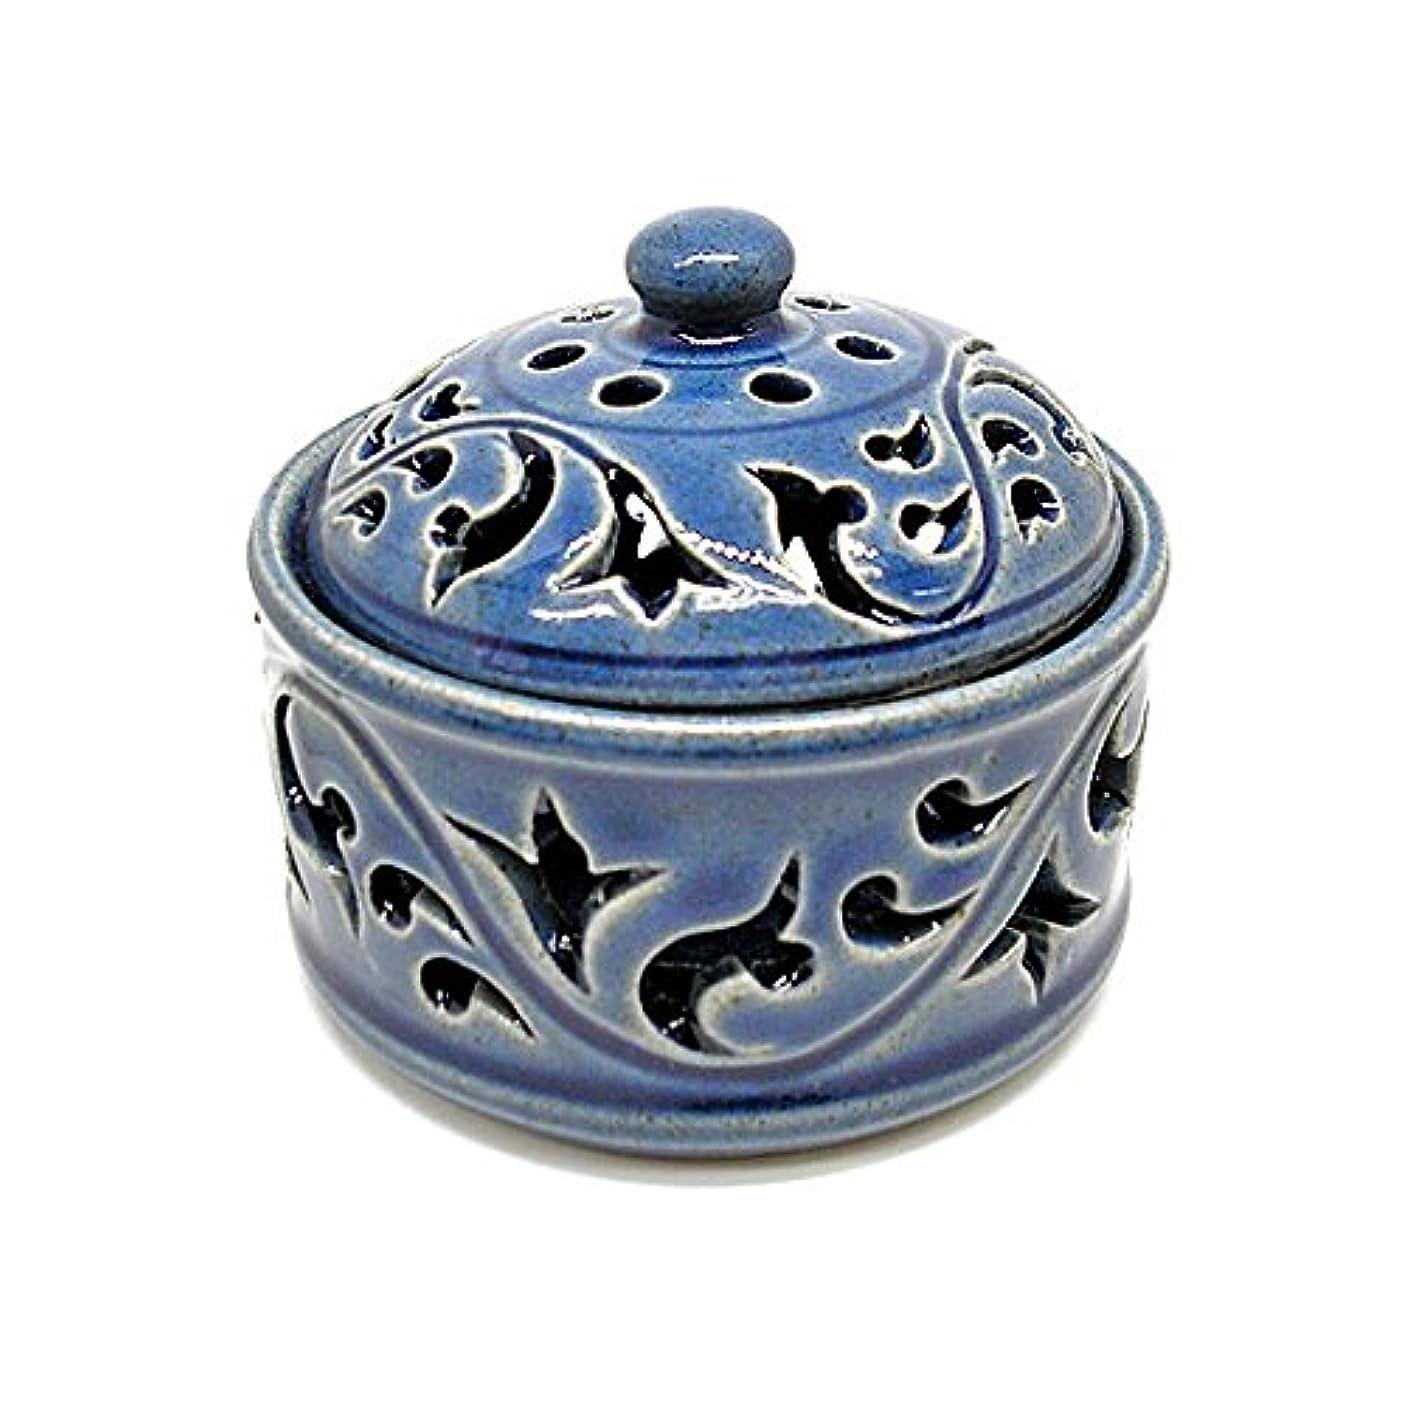 最適先のことを考える三角形唐草模様の陶器の香炉 小物入れ ブルー インセンスホルダー お香立て アジアン雑貨 並行輸入品(ノーブランド品) [並行輸入品]